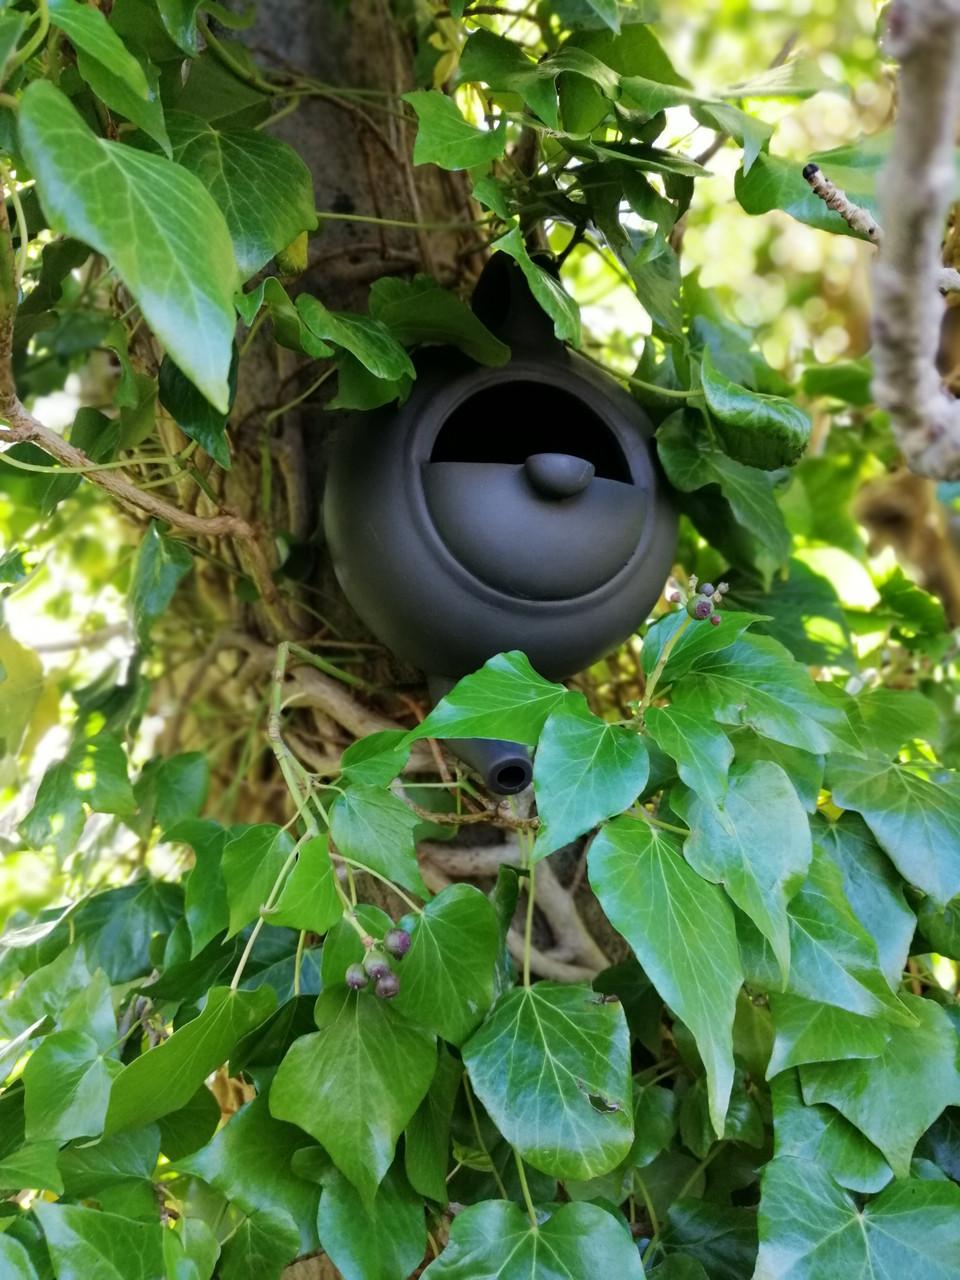 Nesting Teapot